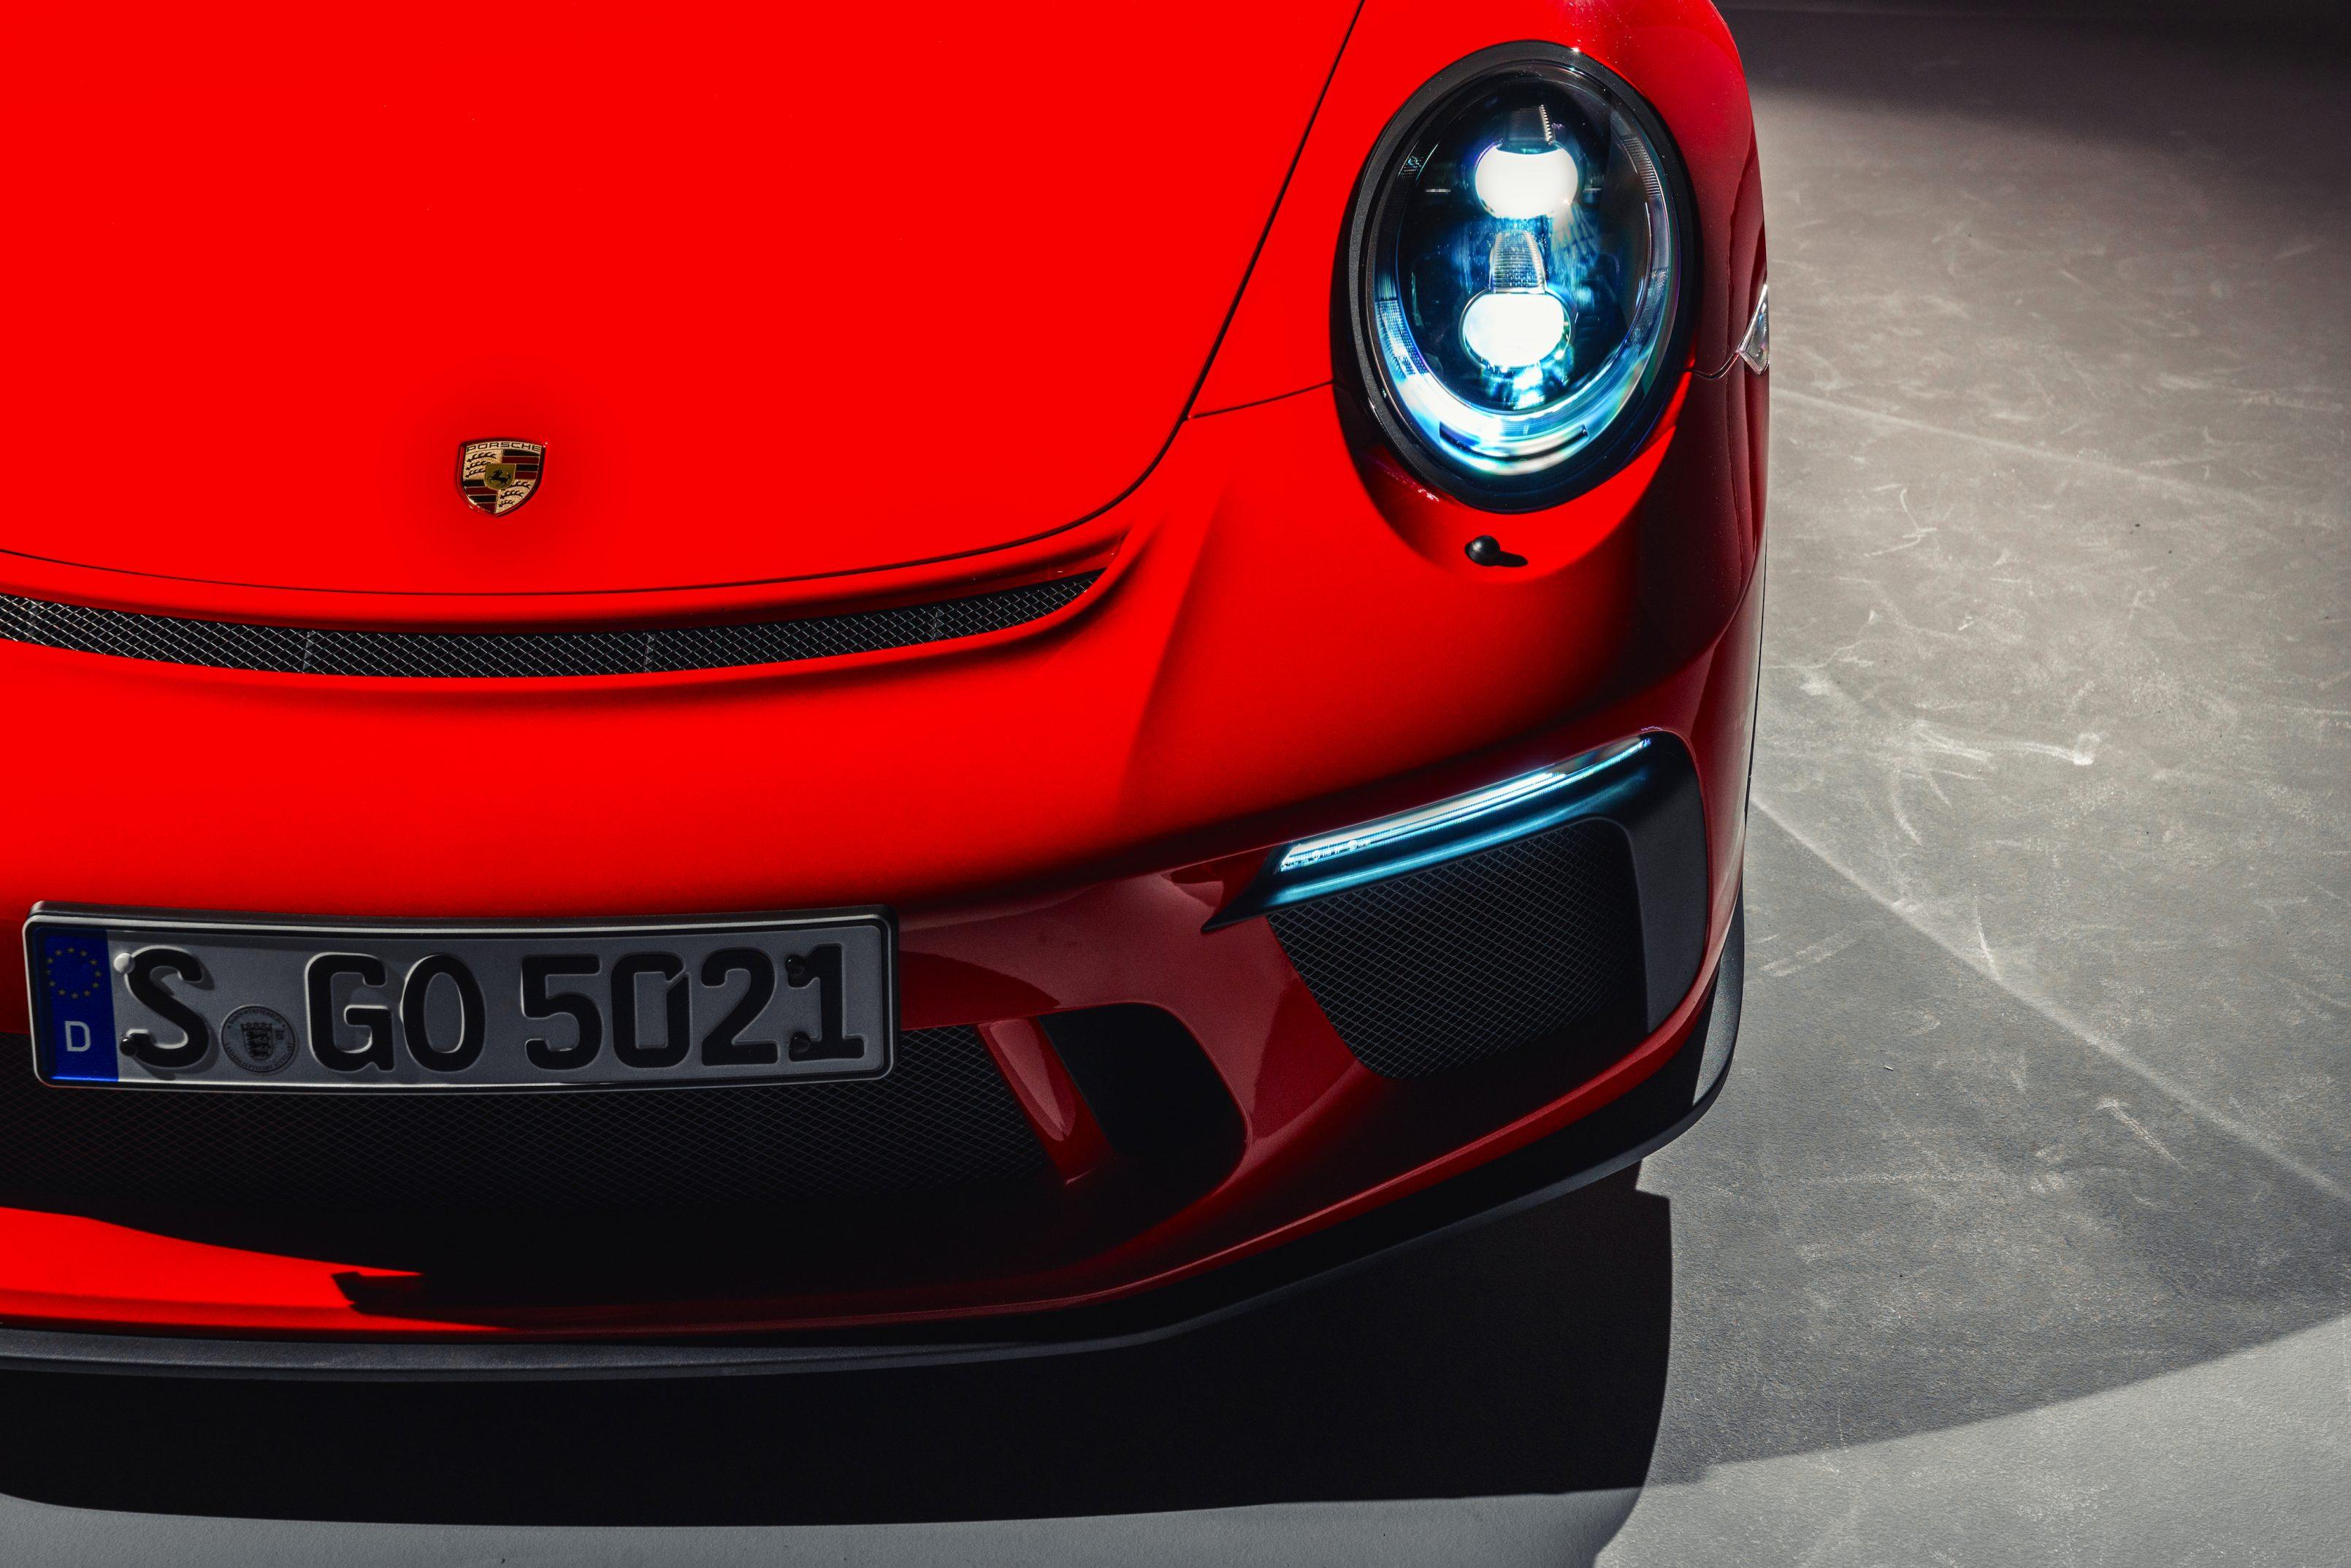 Flip This Porsche: Automaker надеется остановить будущих спекулянтов